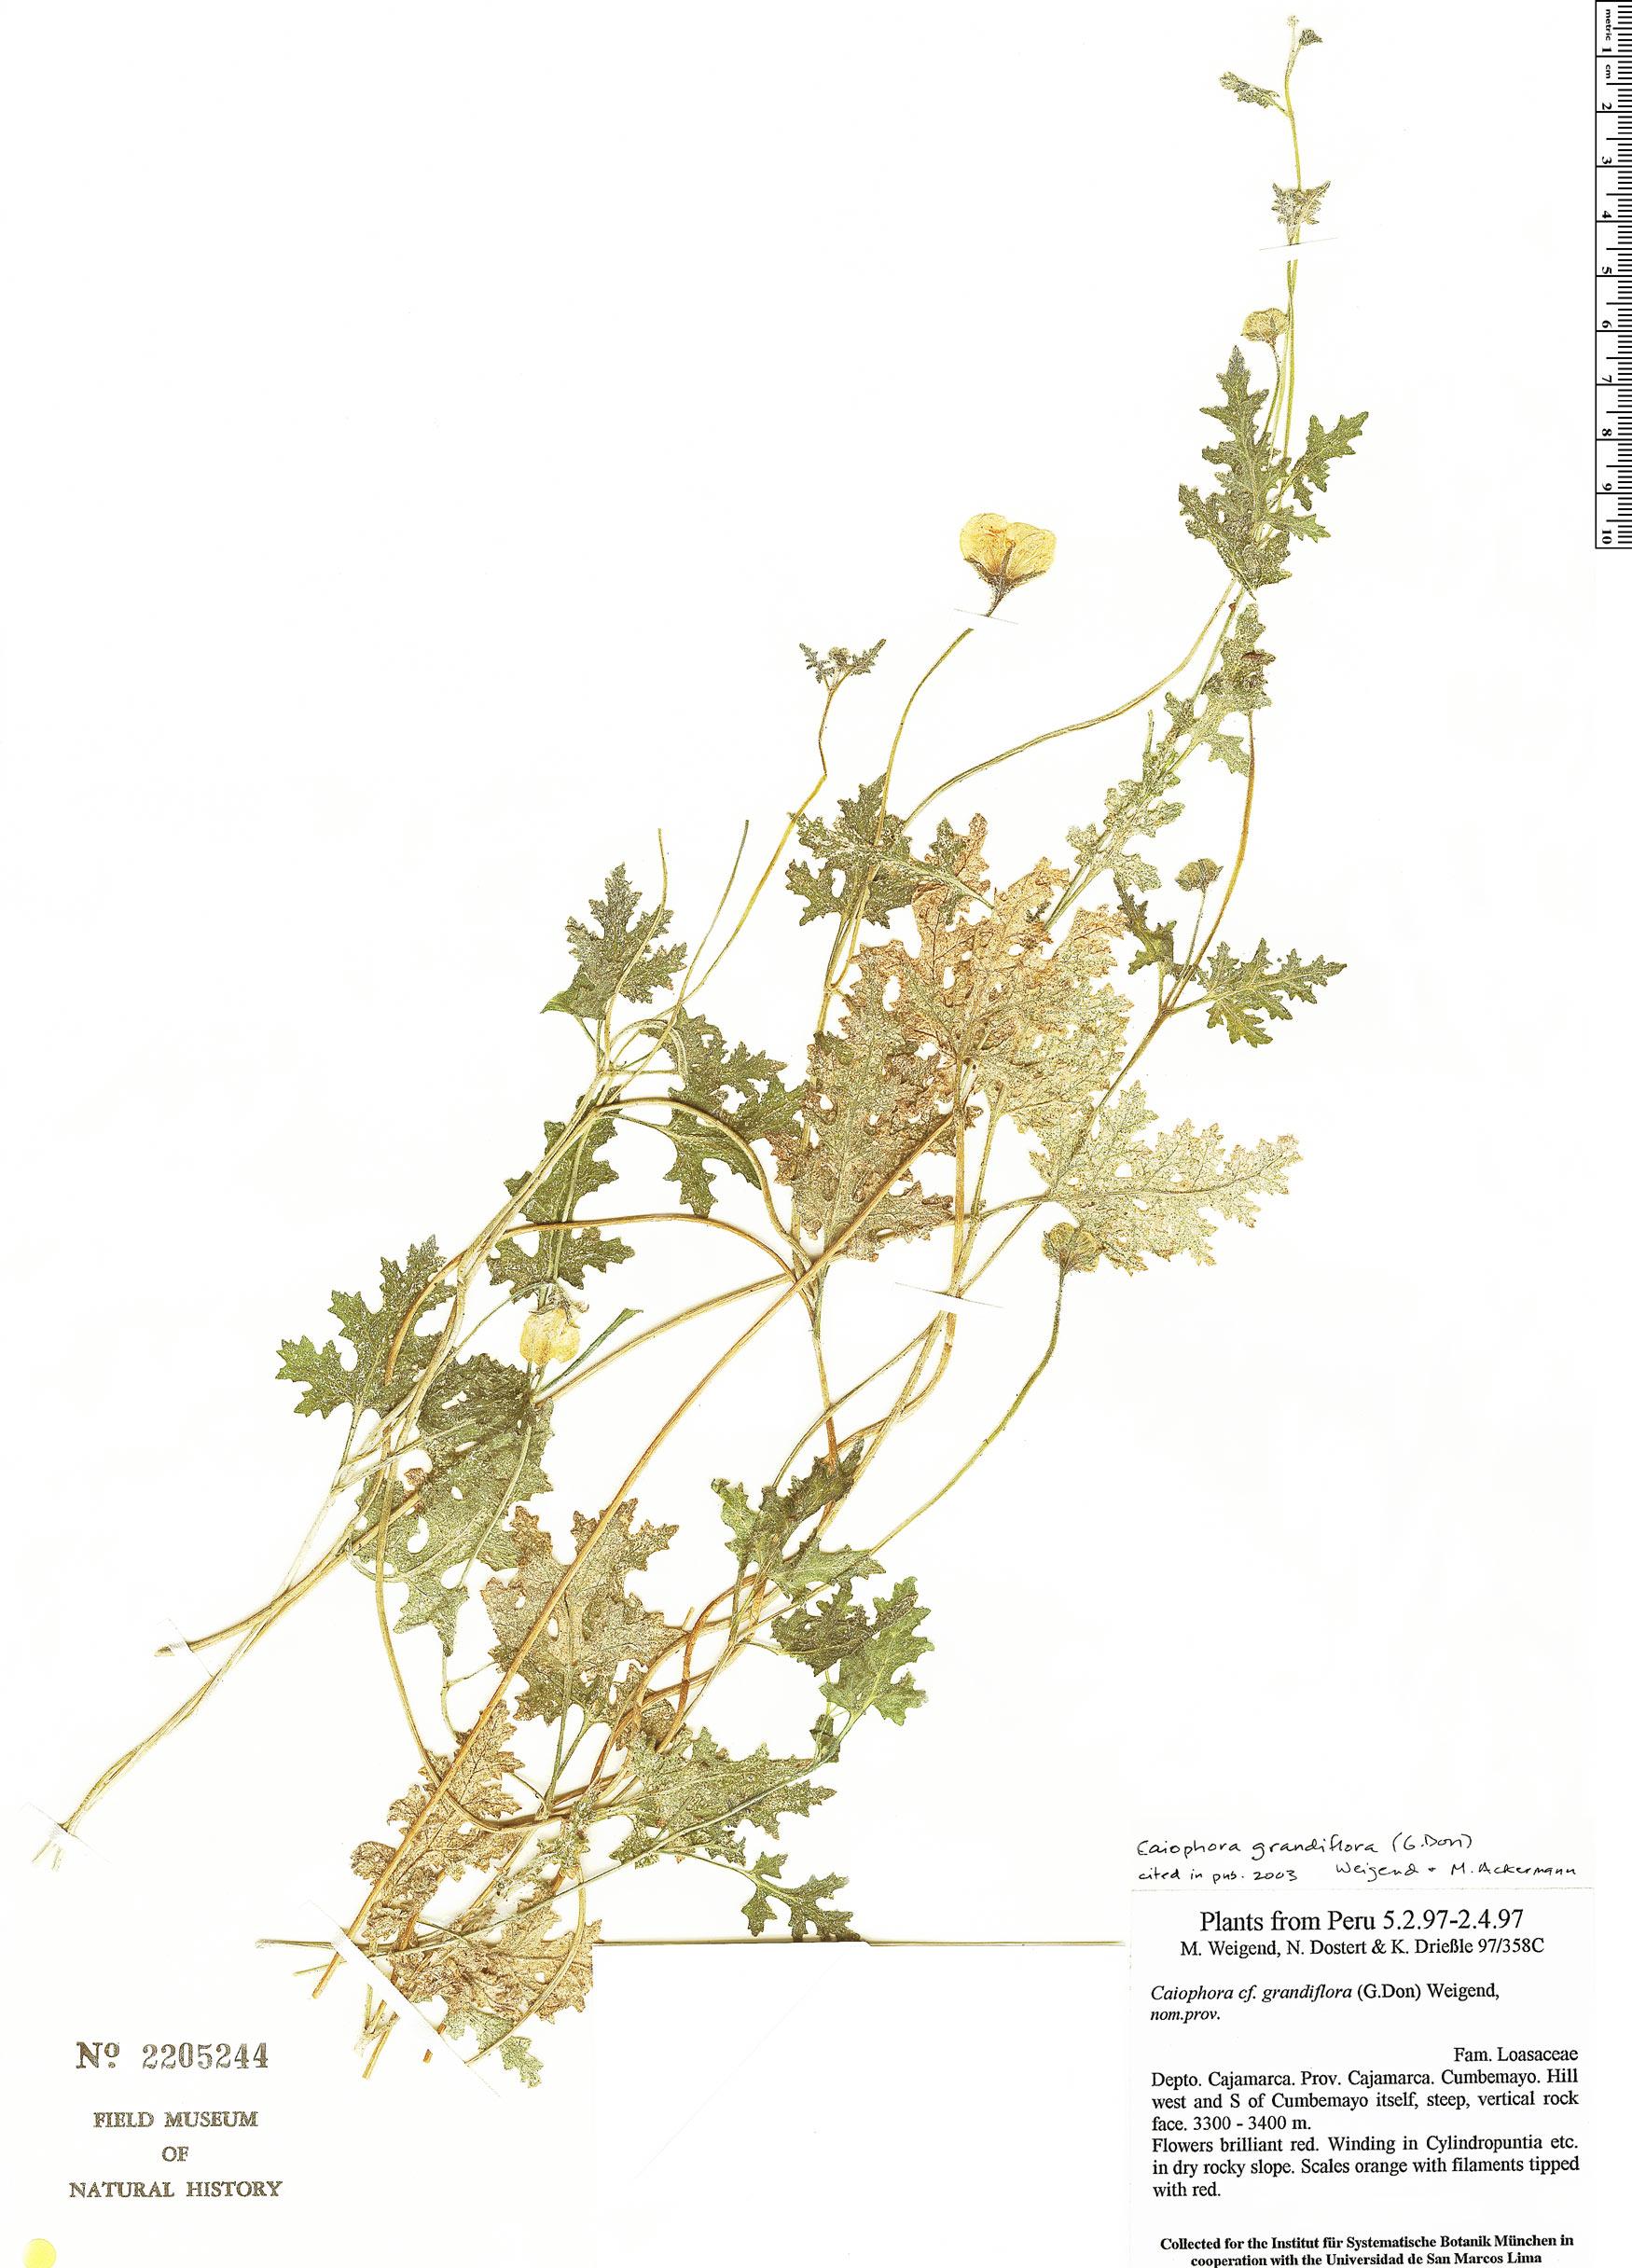 Specimen: Caiophora grandiflora